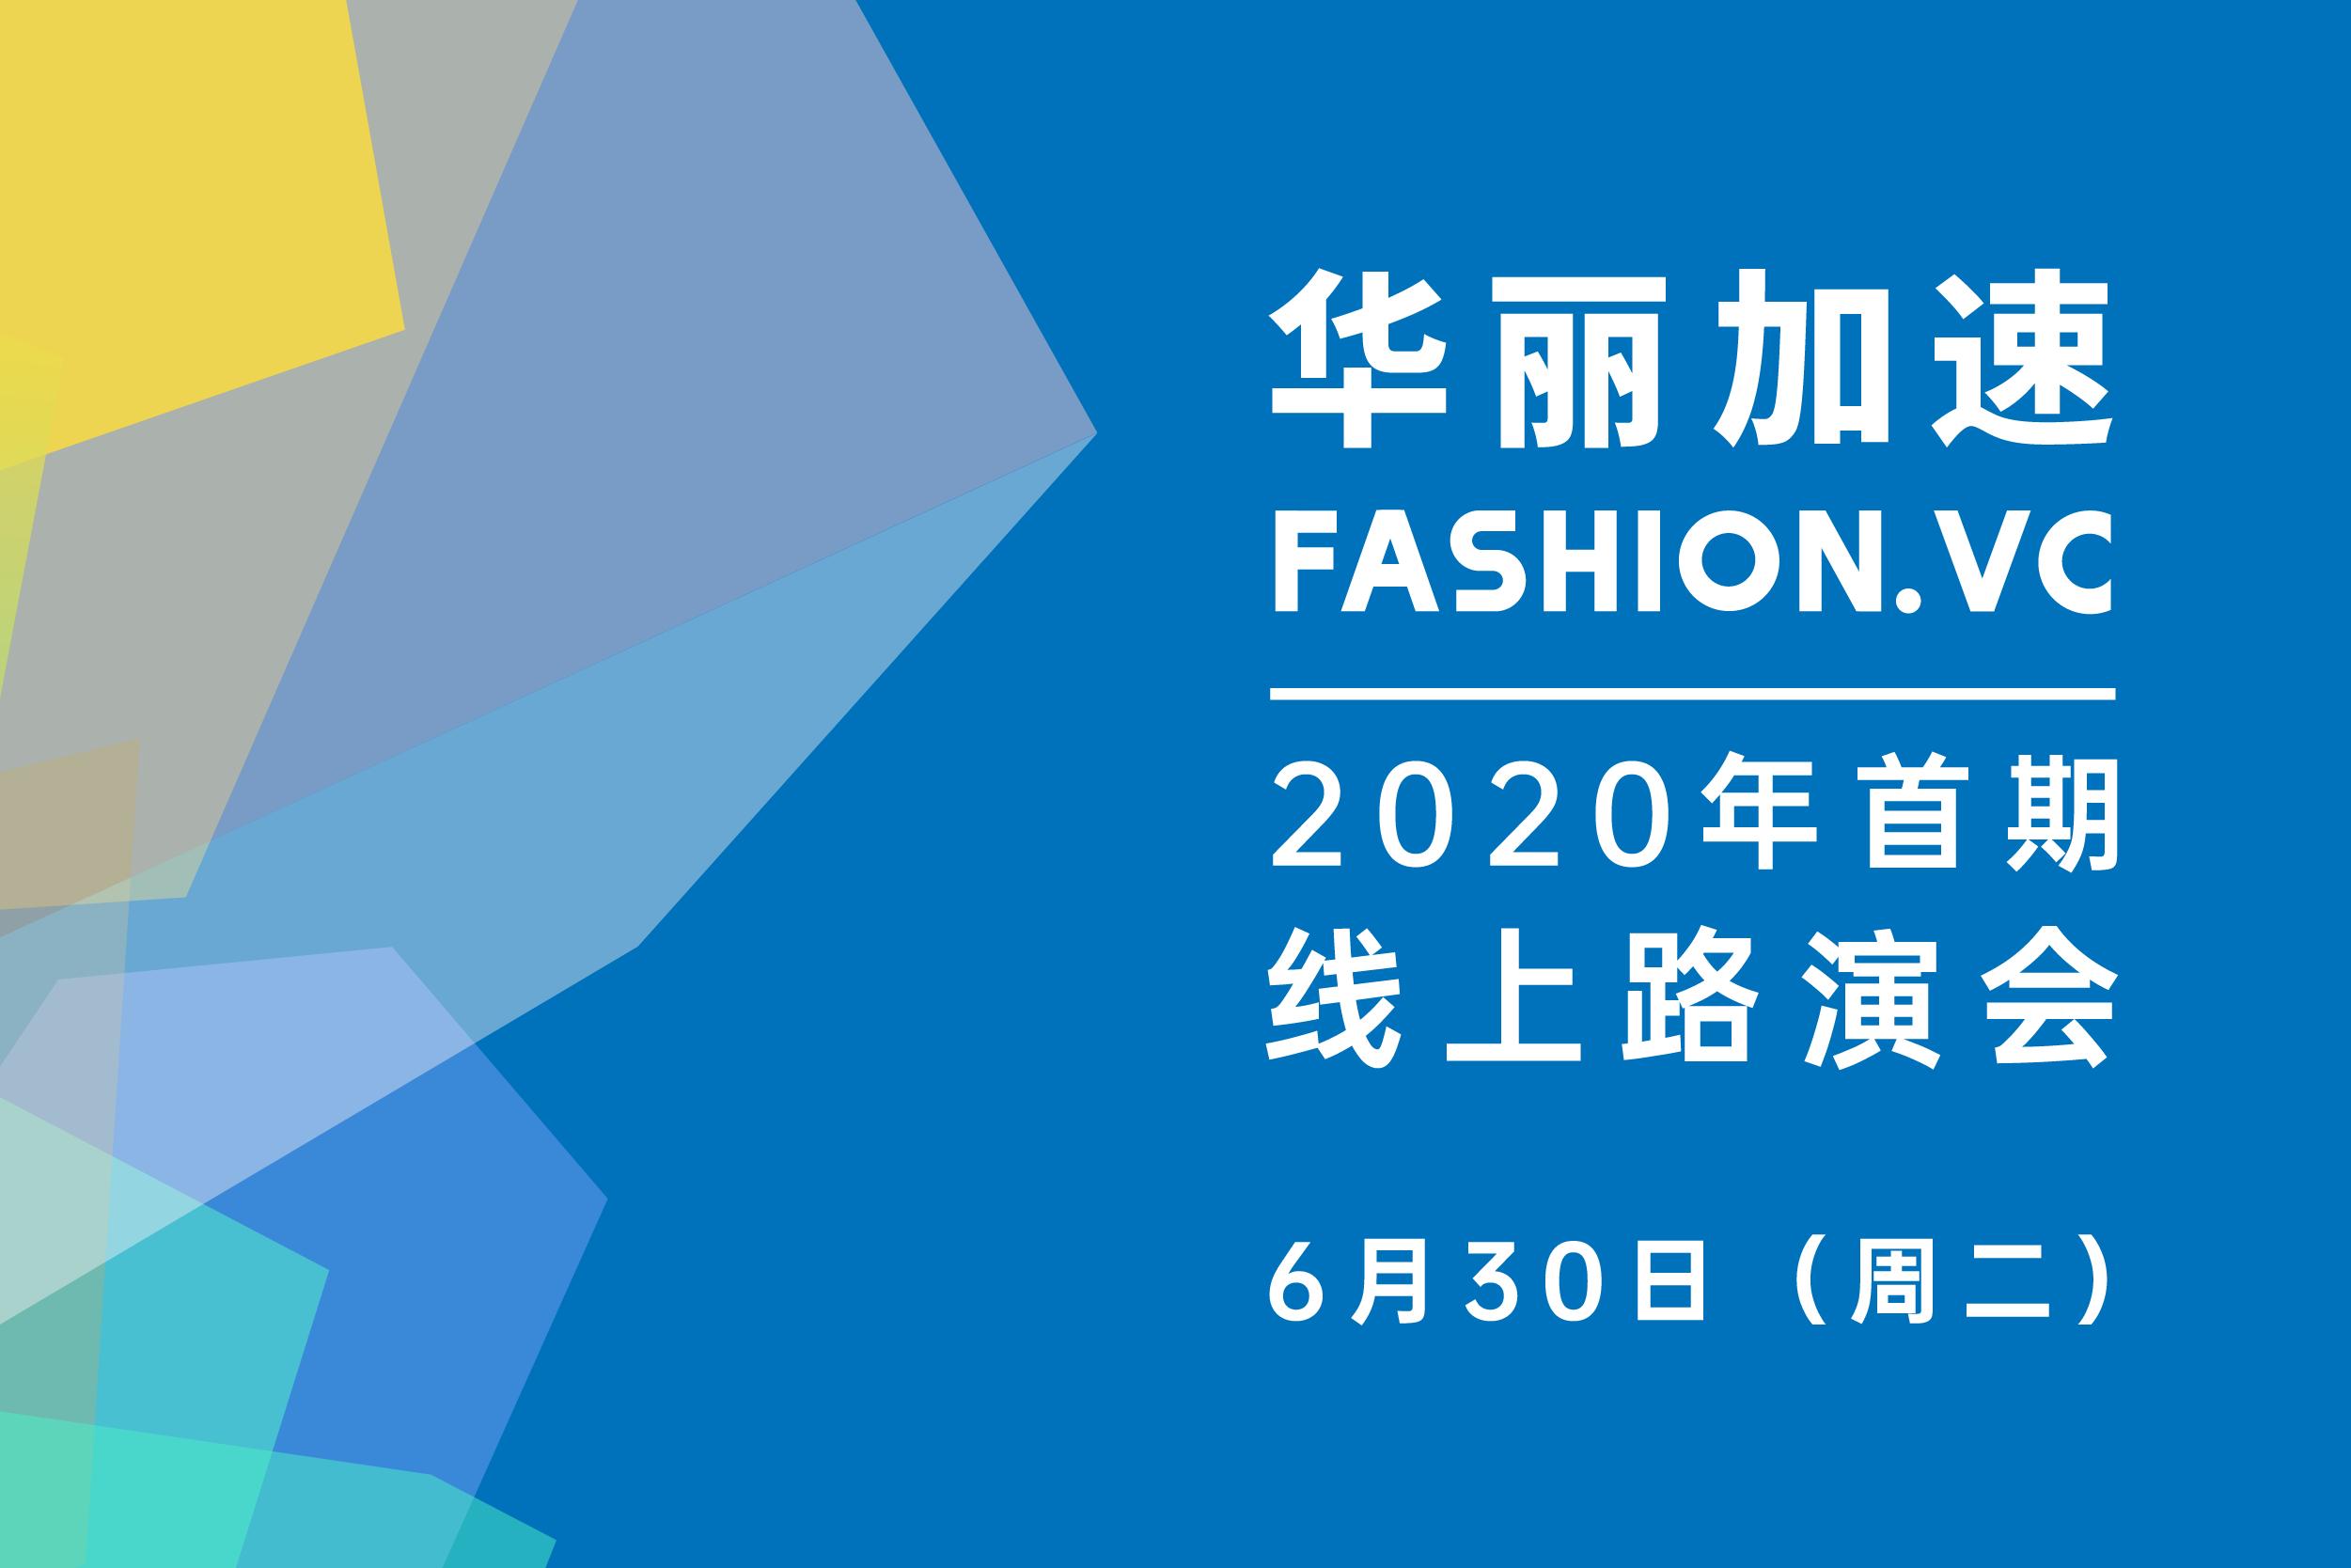 逆风而上!华丽加速启动新一季时尚创业路演会:首期于6月30日在线举办(附报名链接)